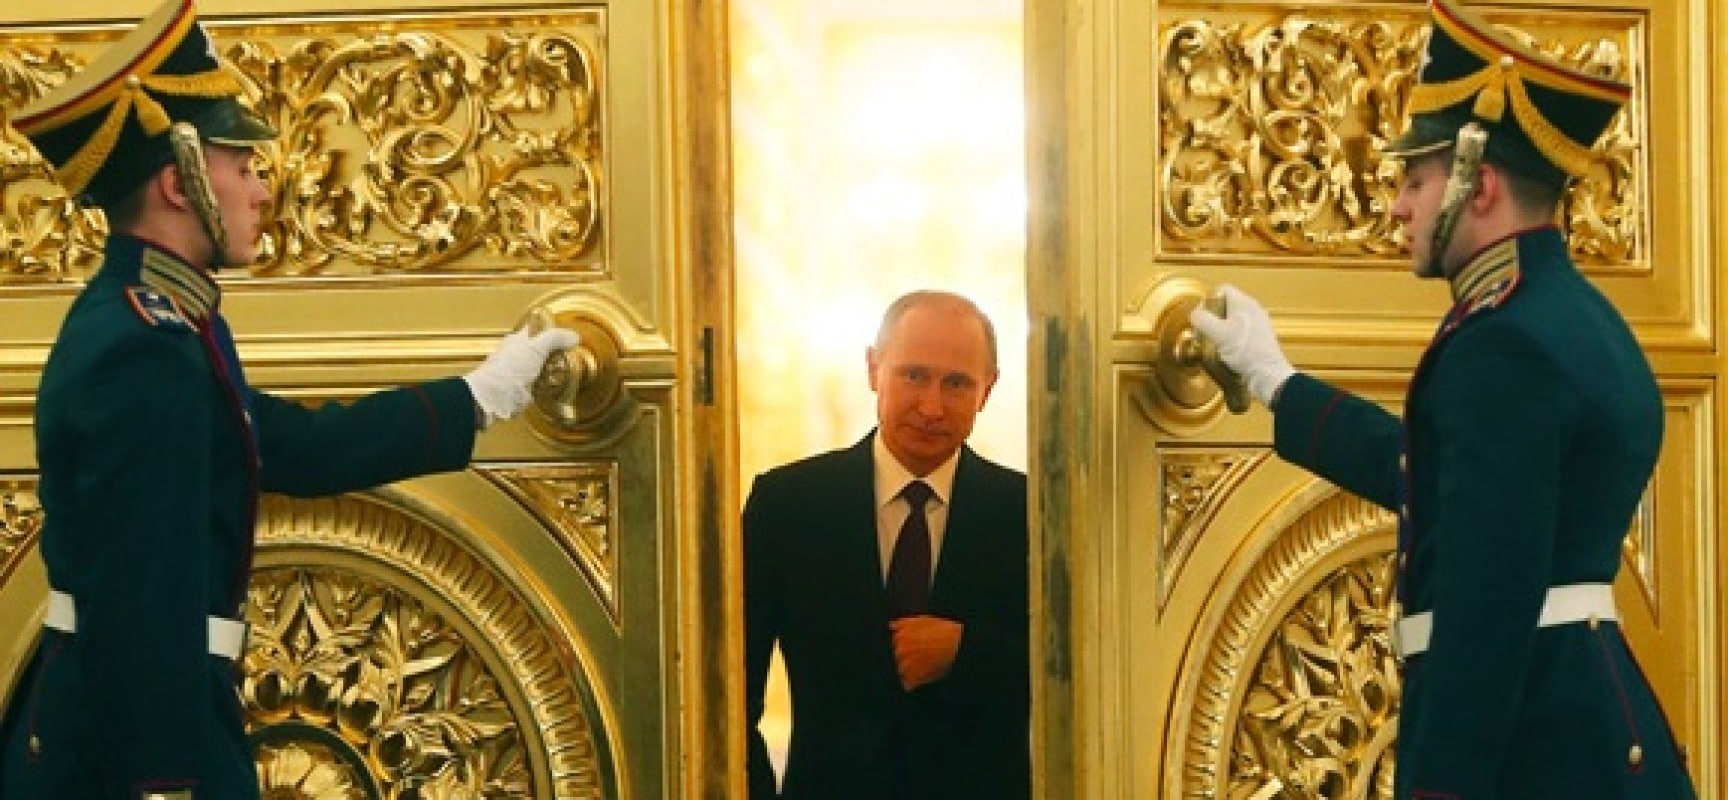 La Russie a accru ses réserves d'Or de 12,44 tonnes sur le mois de septembre 2019, portant ainsi ses réserves à près de 2243 tonnes